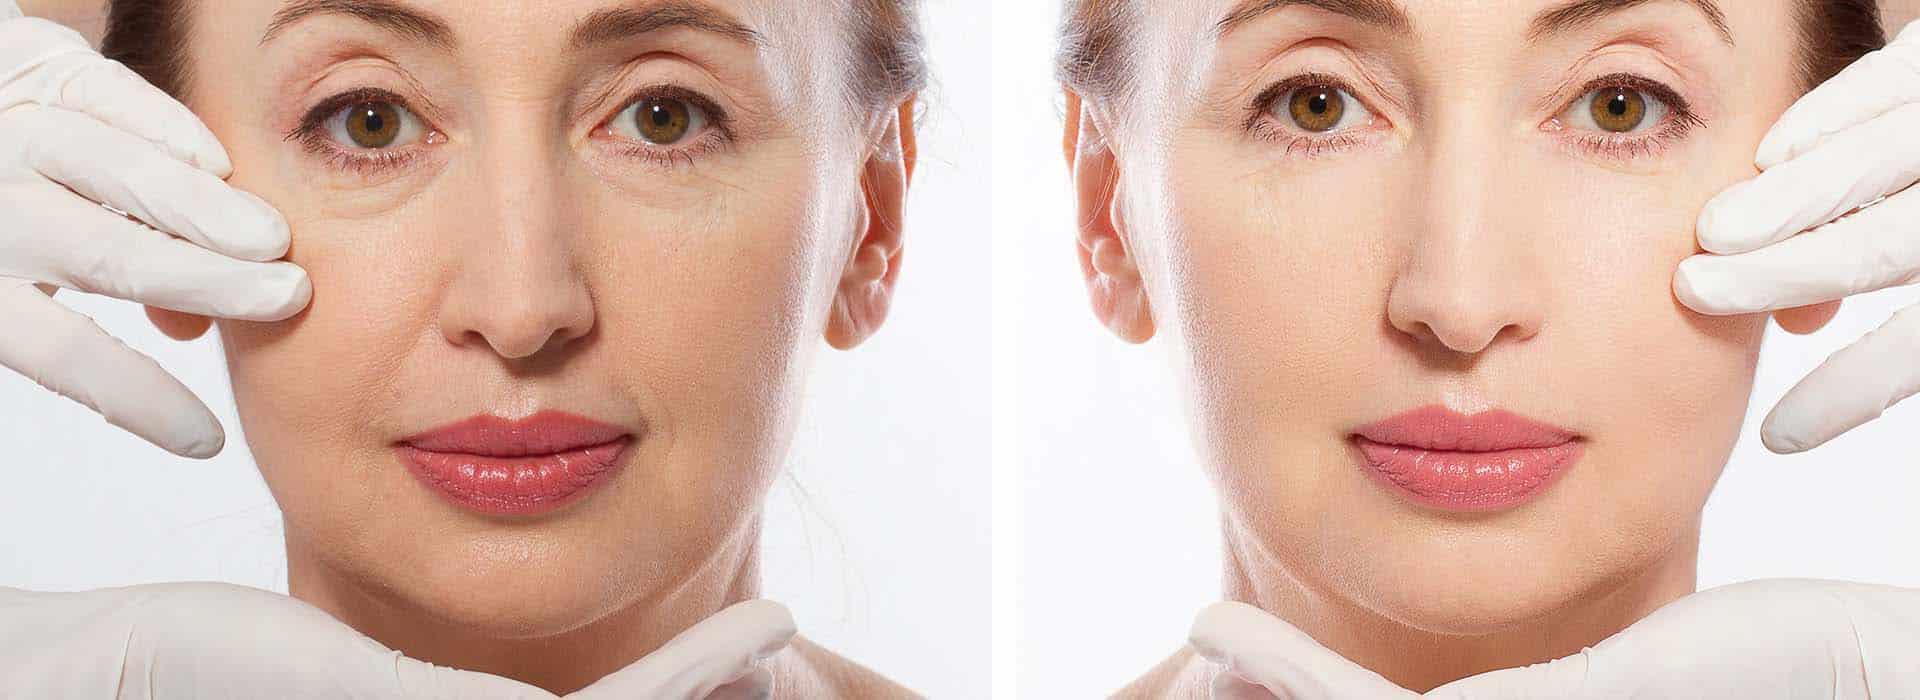 Huesos de la nariz: anatomía y estructura